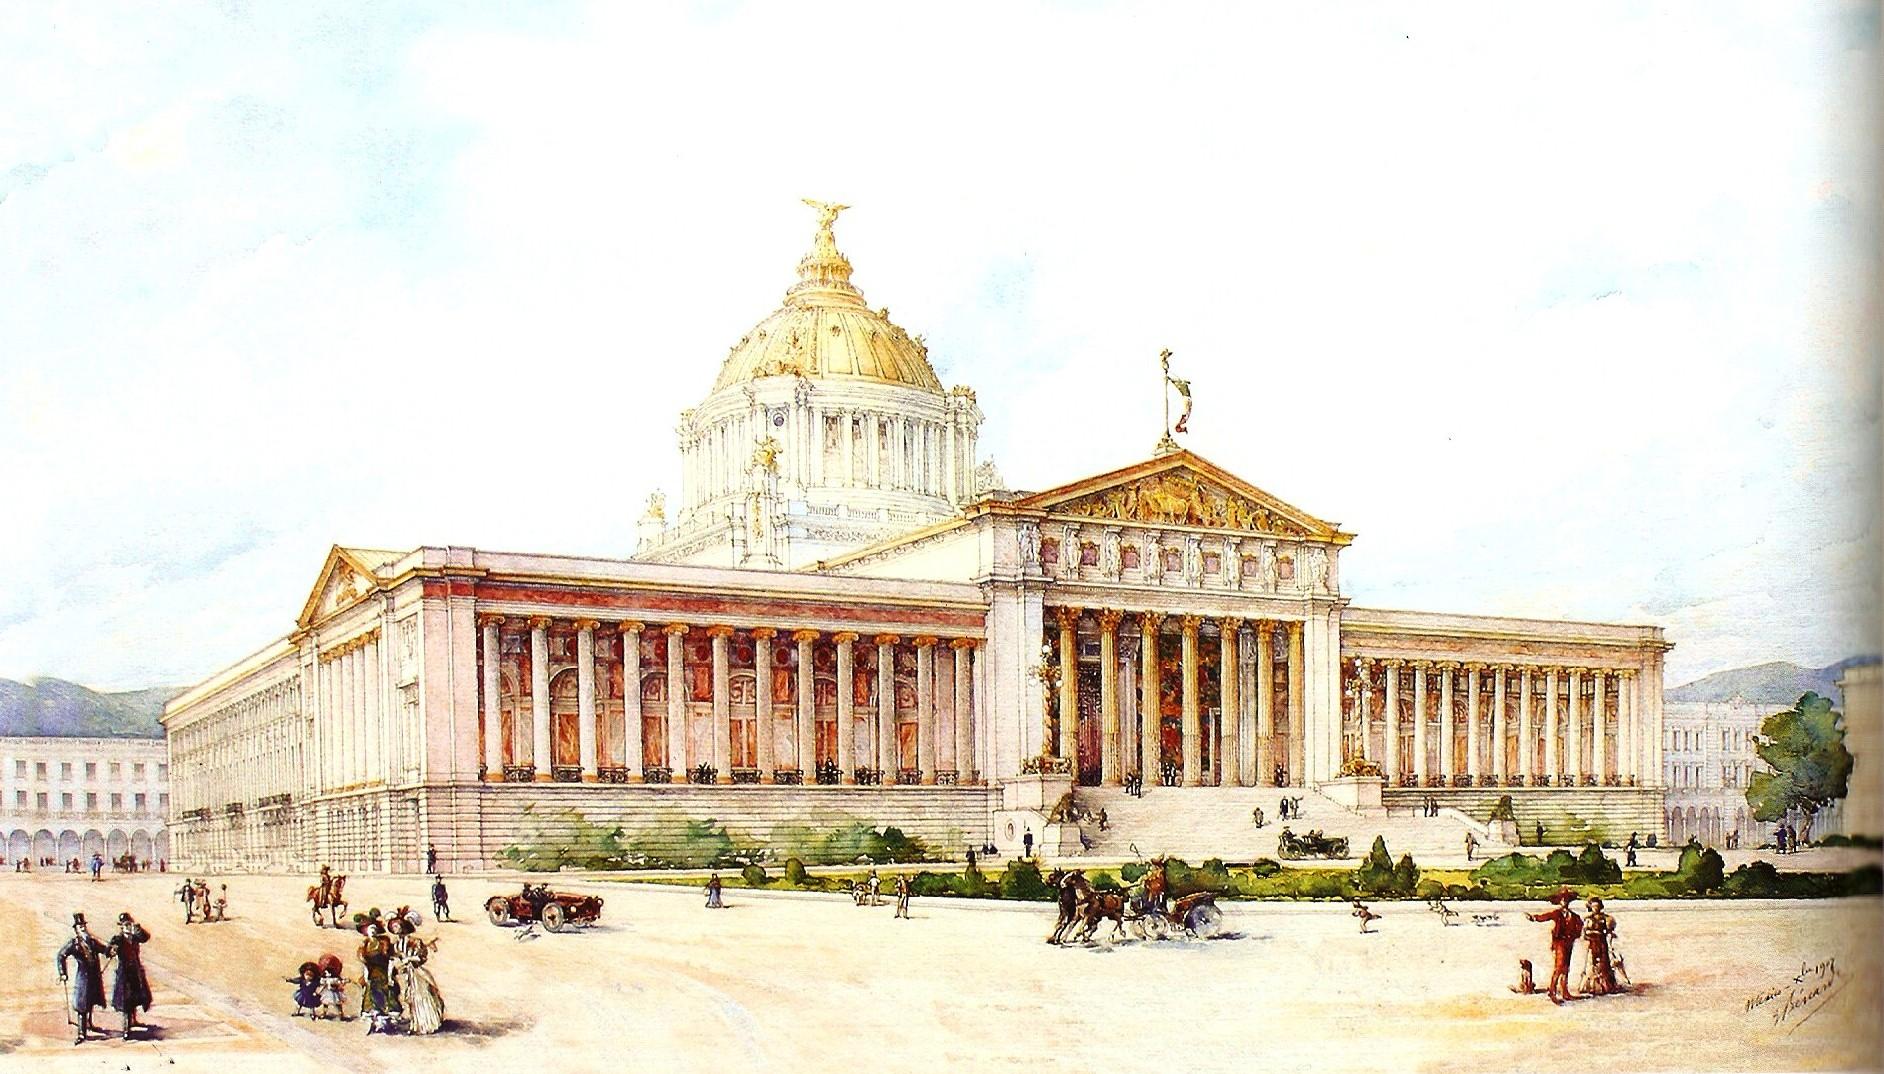 Proyecto de Bérnard para el Palacio Legislativo Federal (1907)-escaneado del librol.jpg